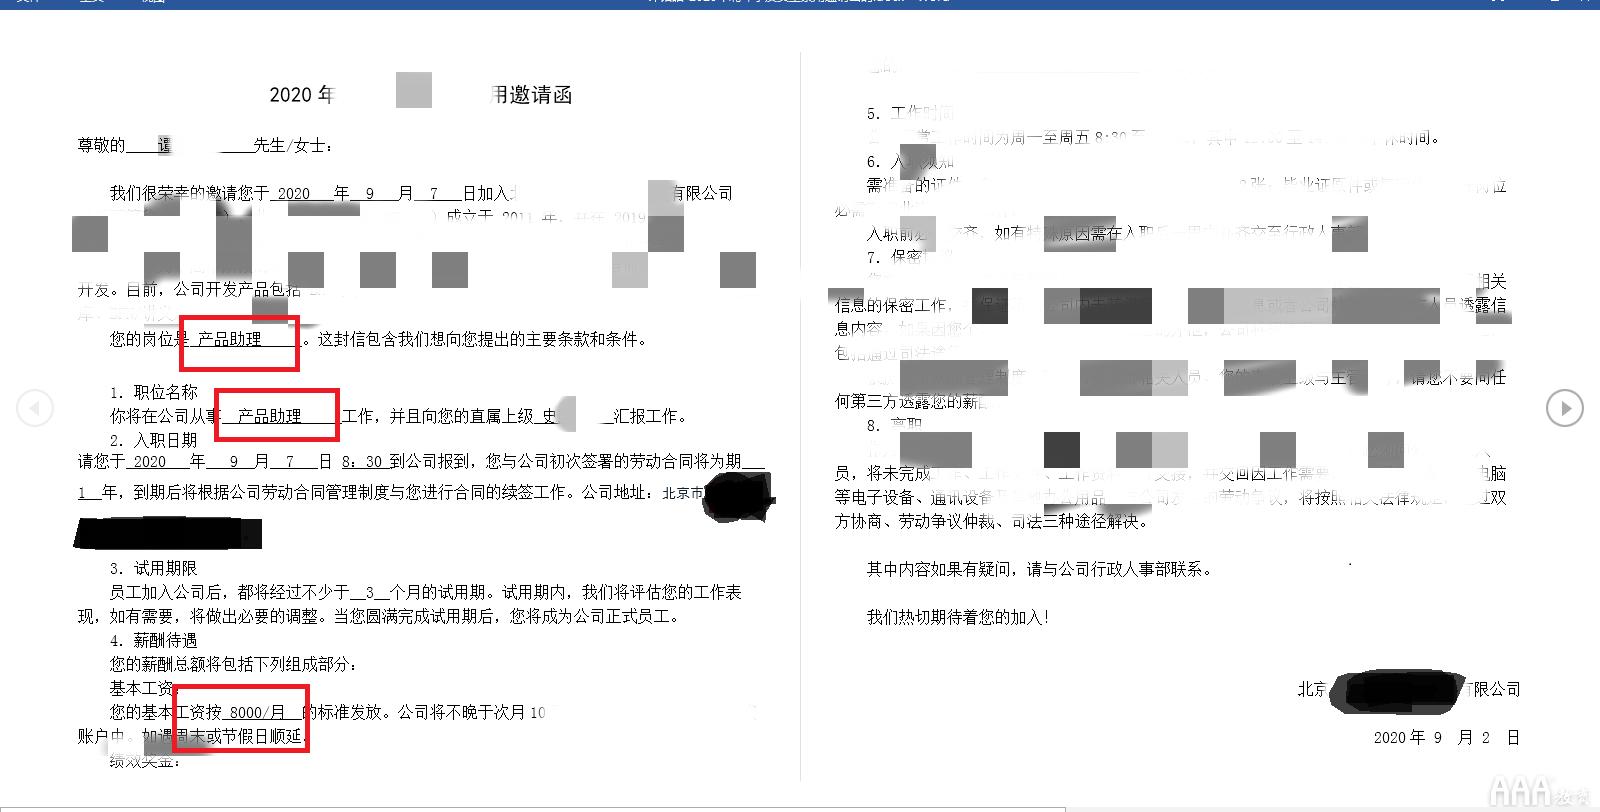 恭喜产品经理130班谭同学喜提offer8000元